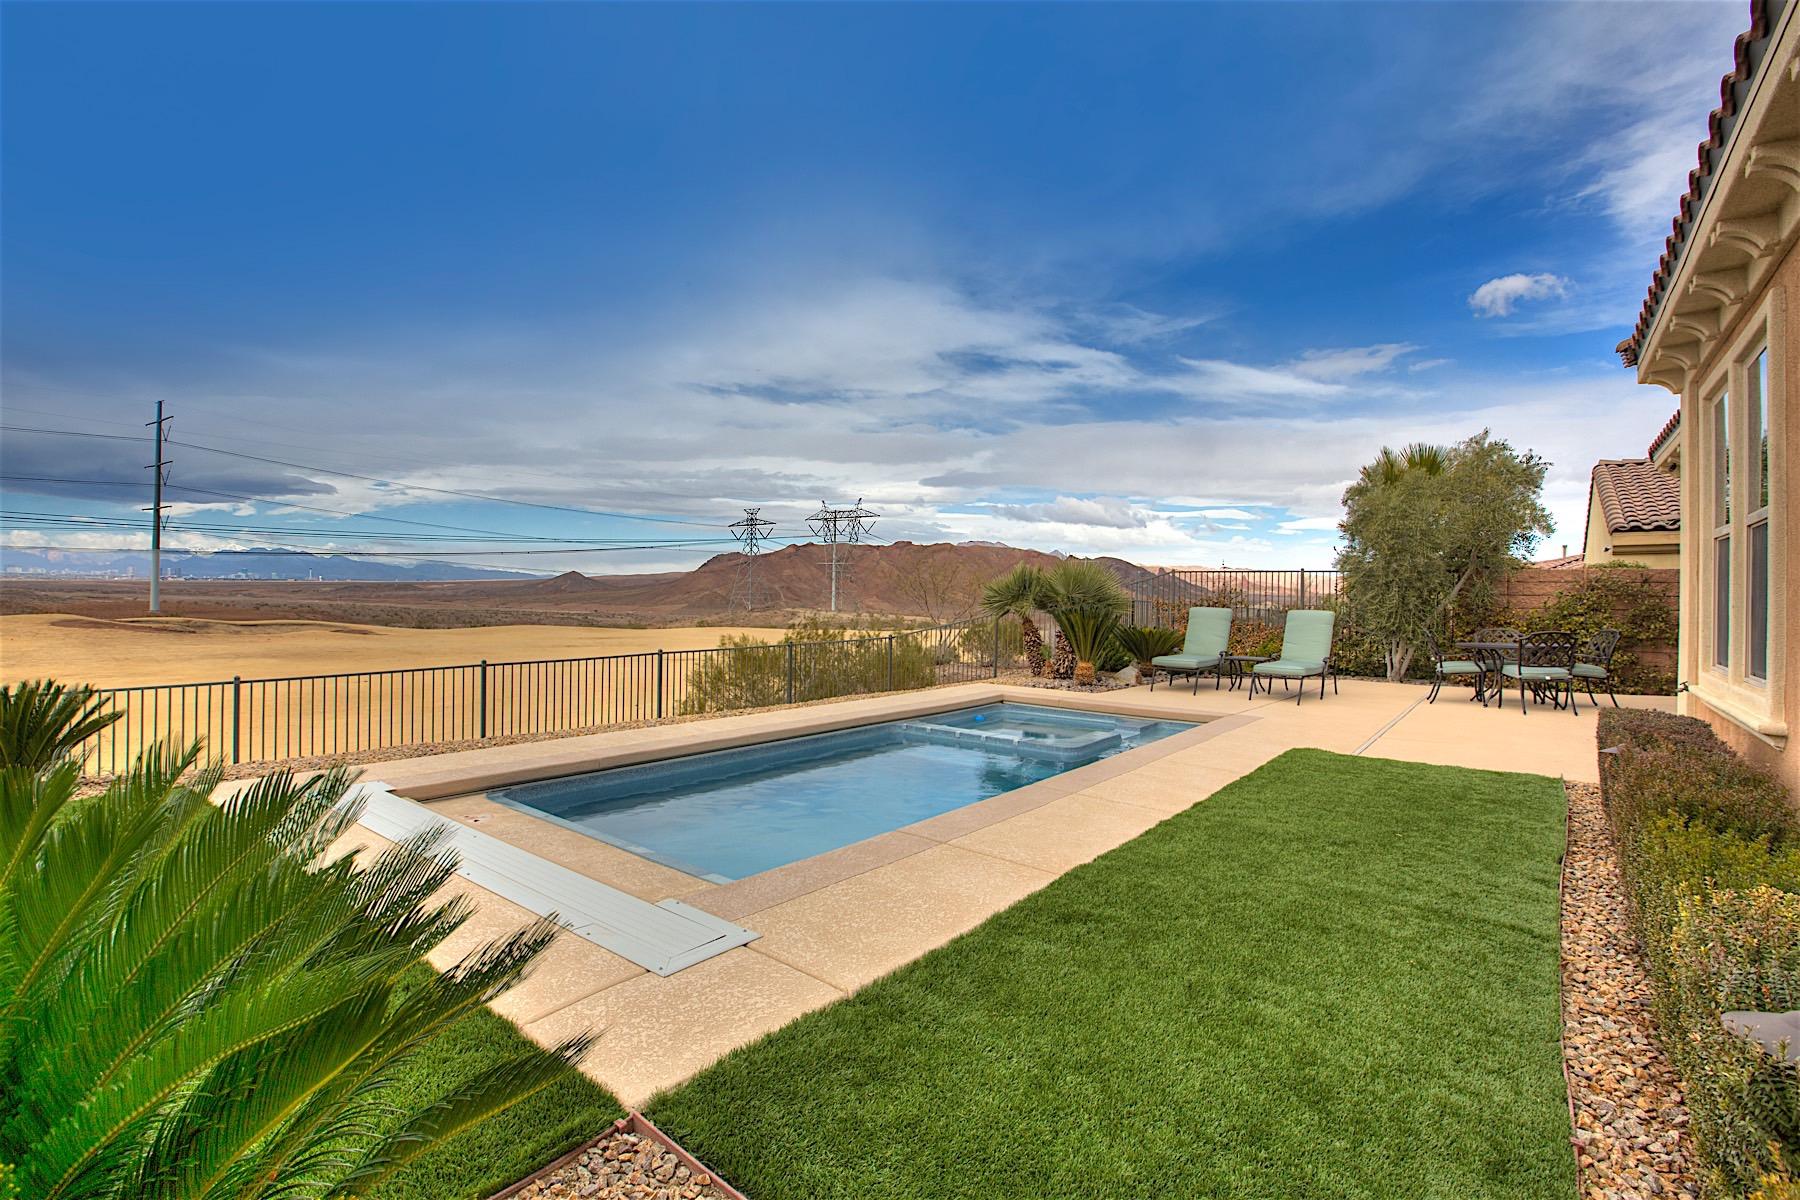 Частный односемейный дом для того Продажа на 19 Contrada Fiore Lake Las Vegas, Henderson, Невада 89011 Соединенные Штаты